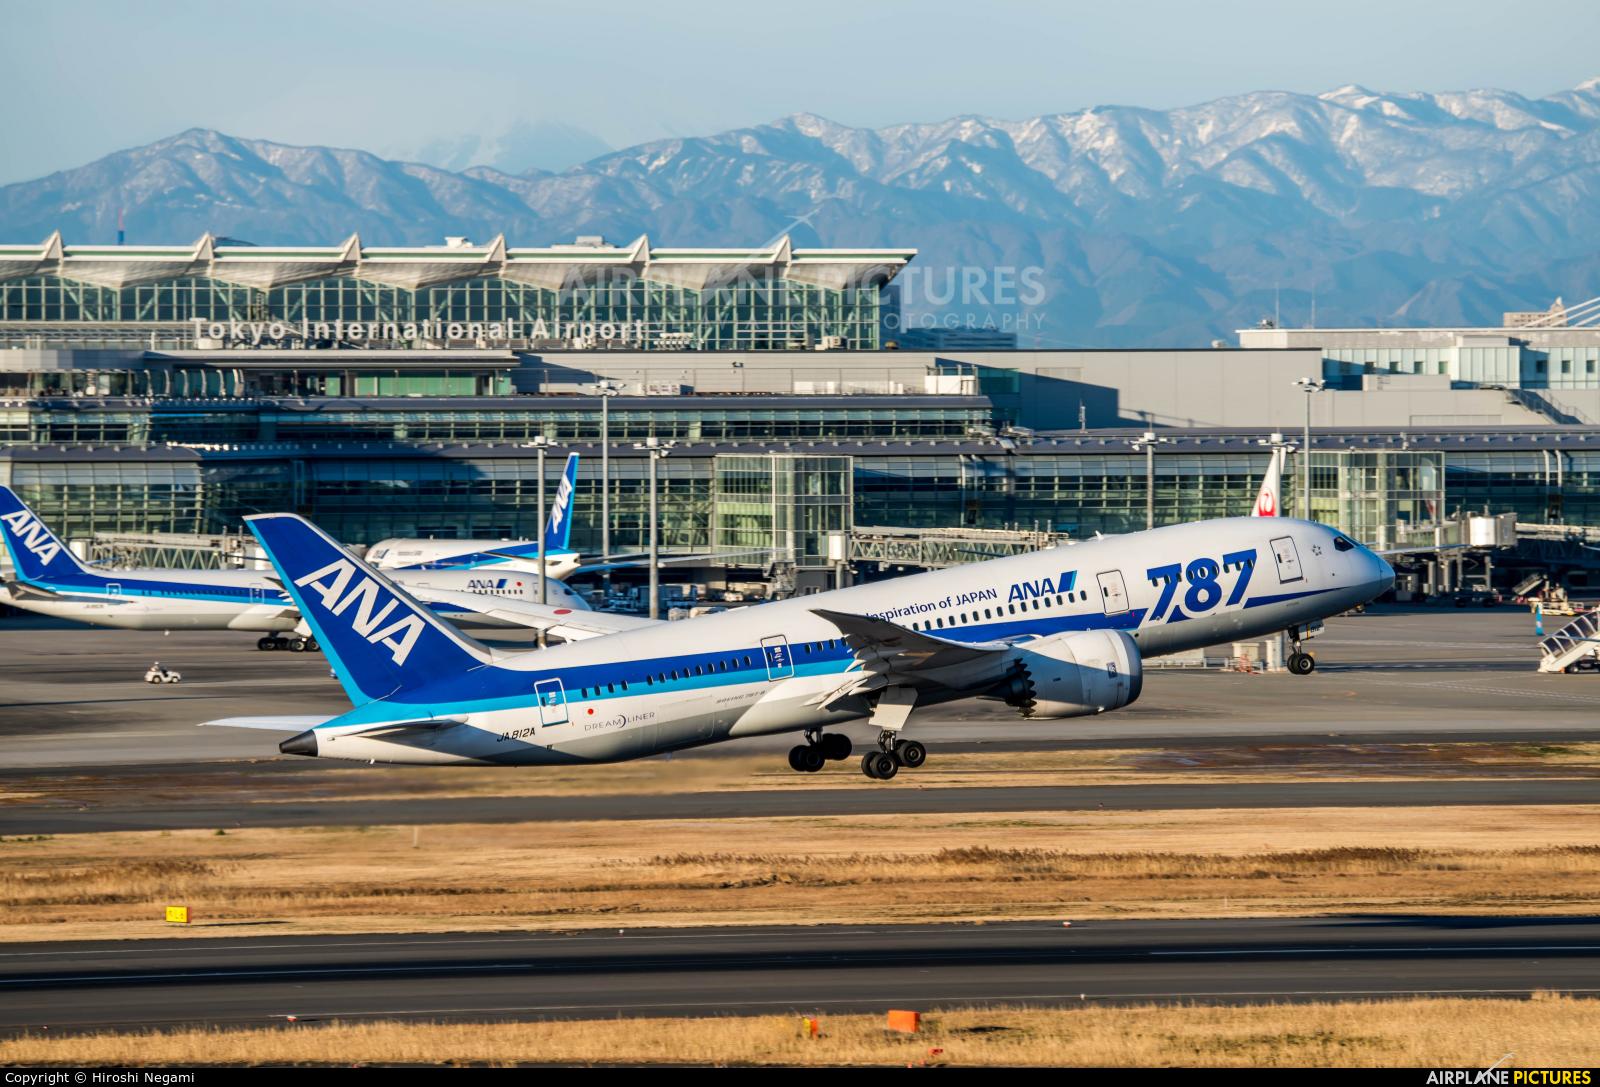 ANA - All Nippon Airways JA812A aircraft at Tokyo - Haneda Intl